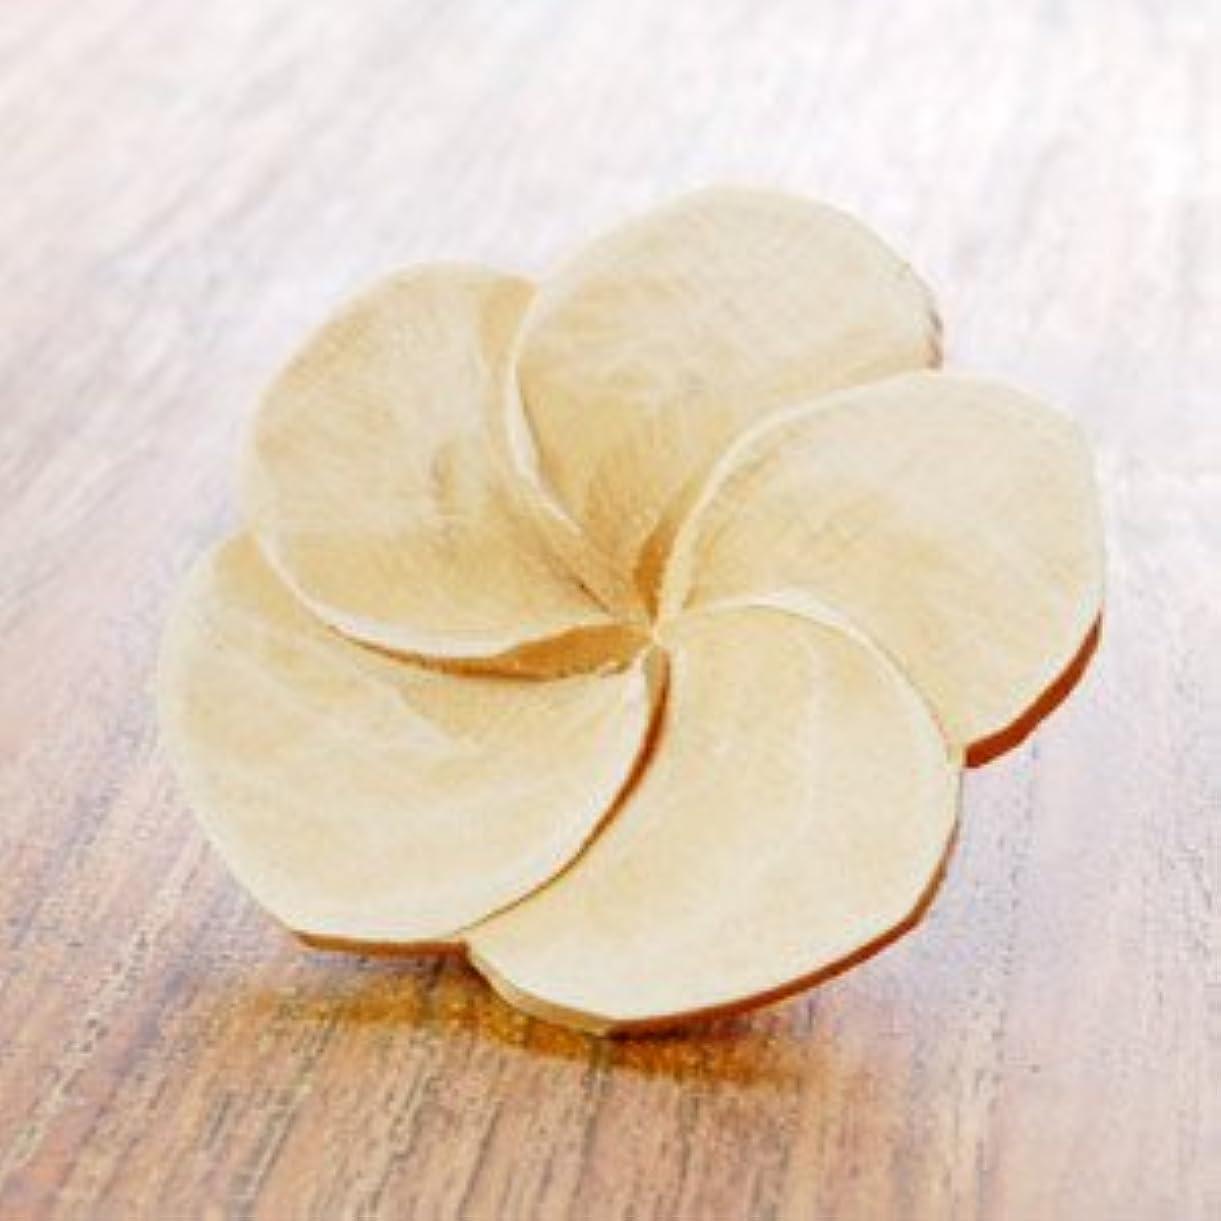 メガロポリス溶けるである【アジア工房】プルメリアの花びらをモチーフにした木製アロマフラワー[Aタイプ][10891] [並行輸入品]